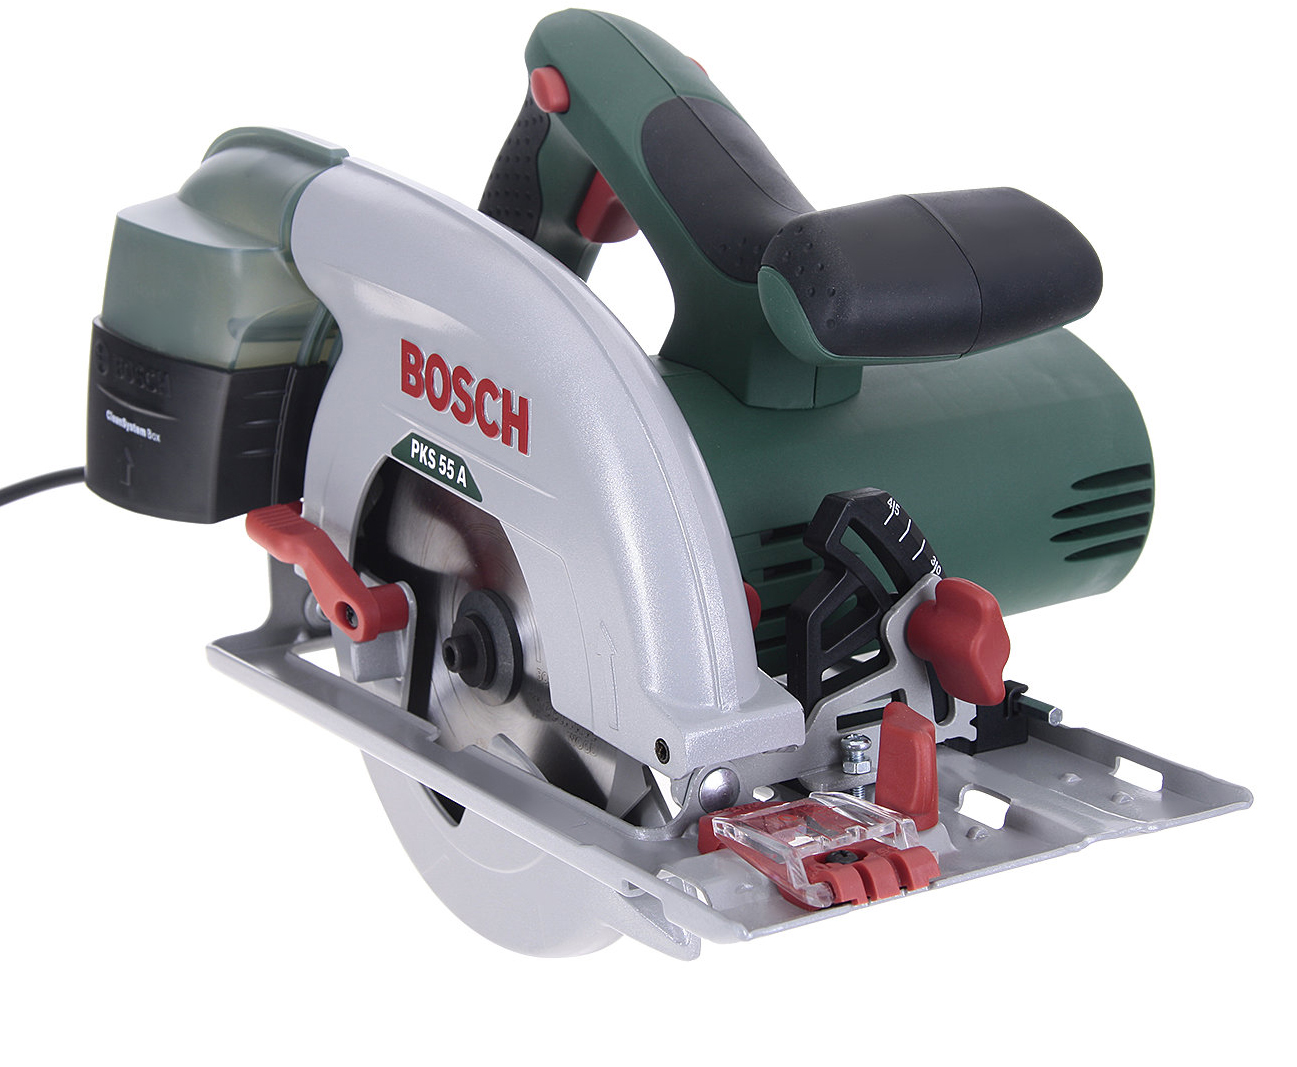 Пила циркулярная Bosch Pks 55 a (0.603.501.020) пила циркулярная bosch pks 66а 1600 вт 190 мм